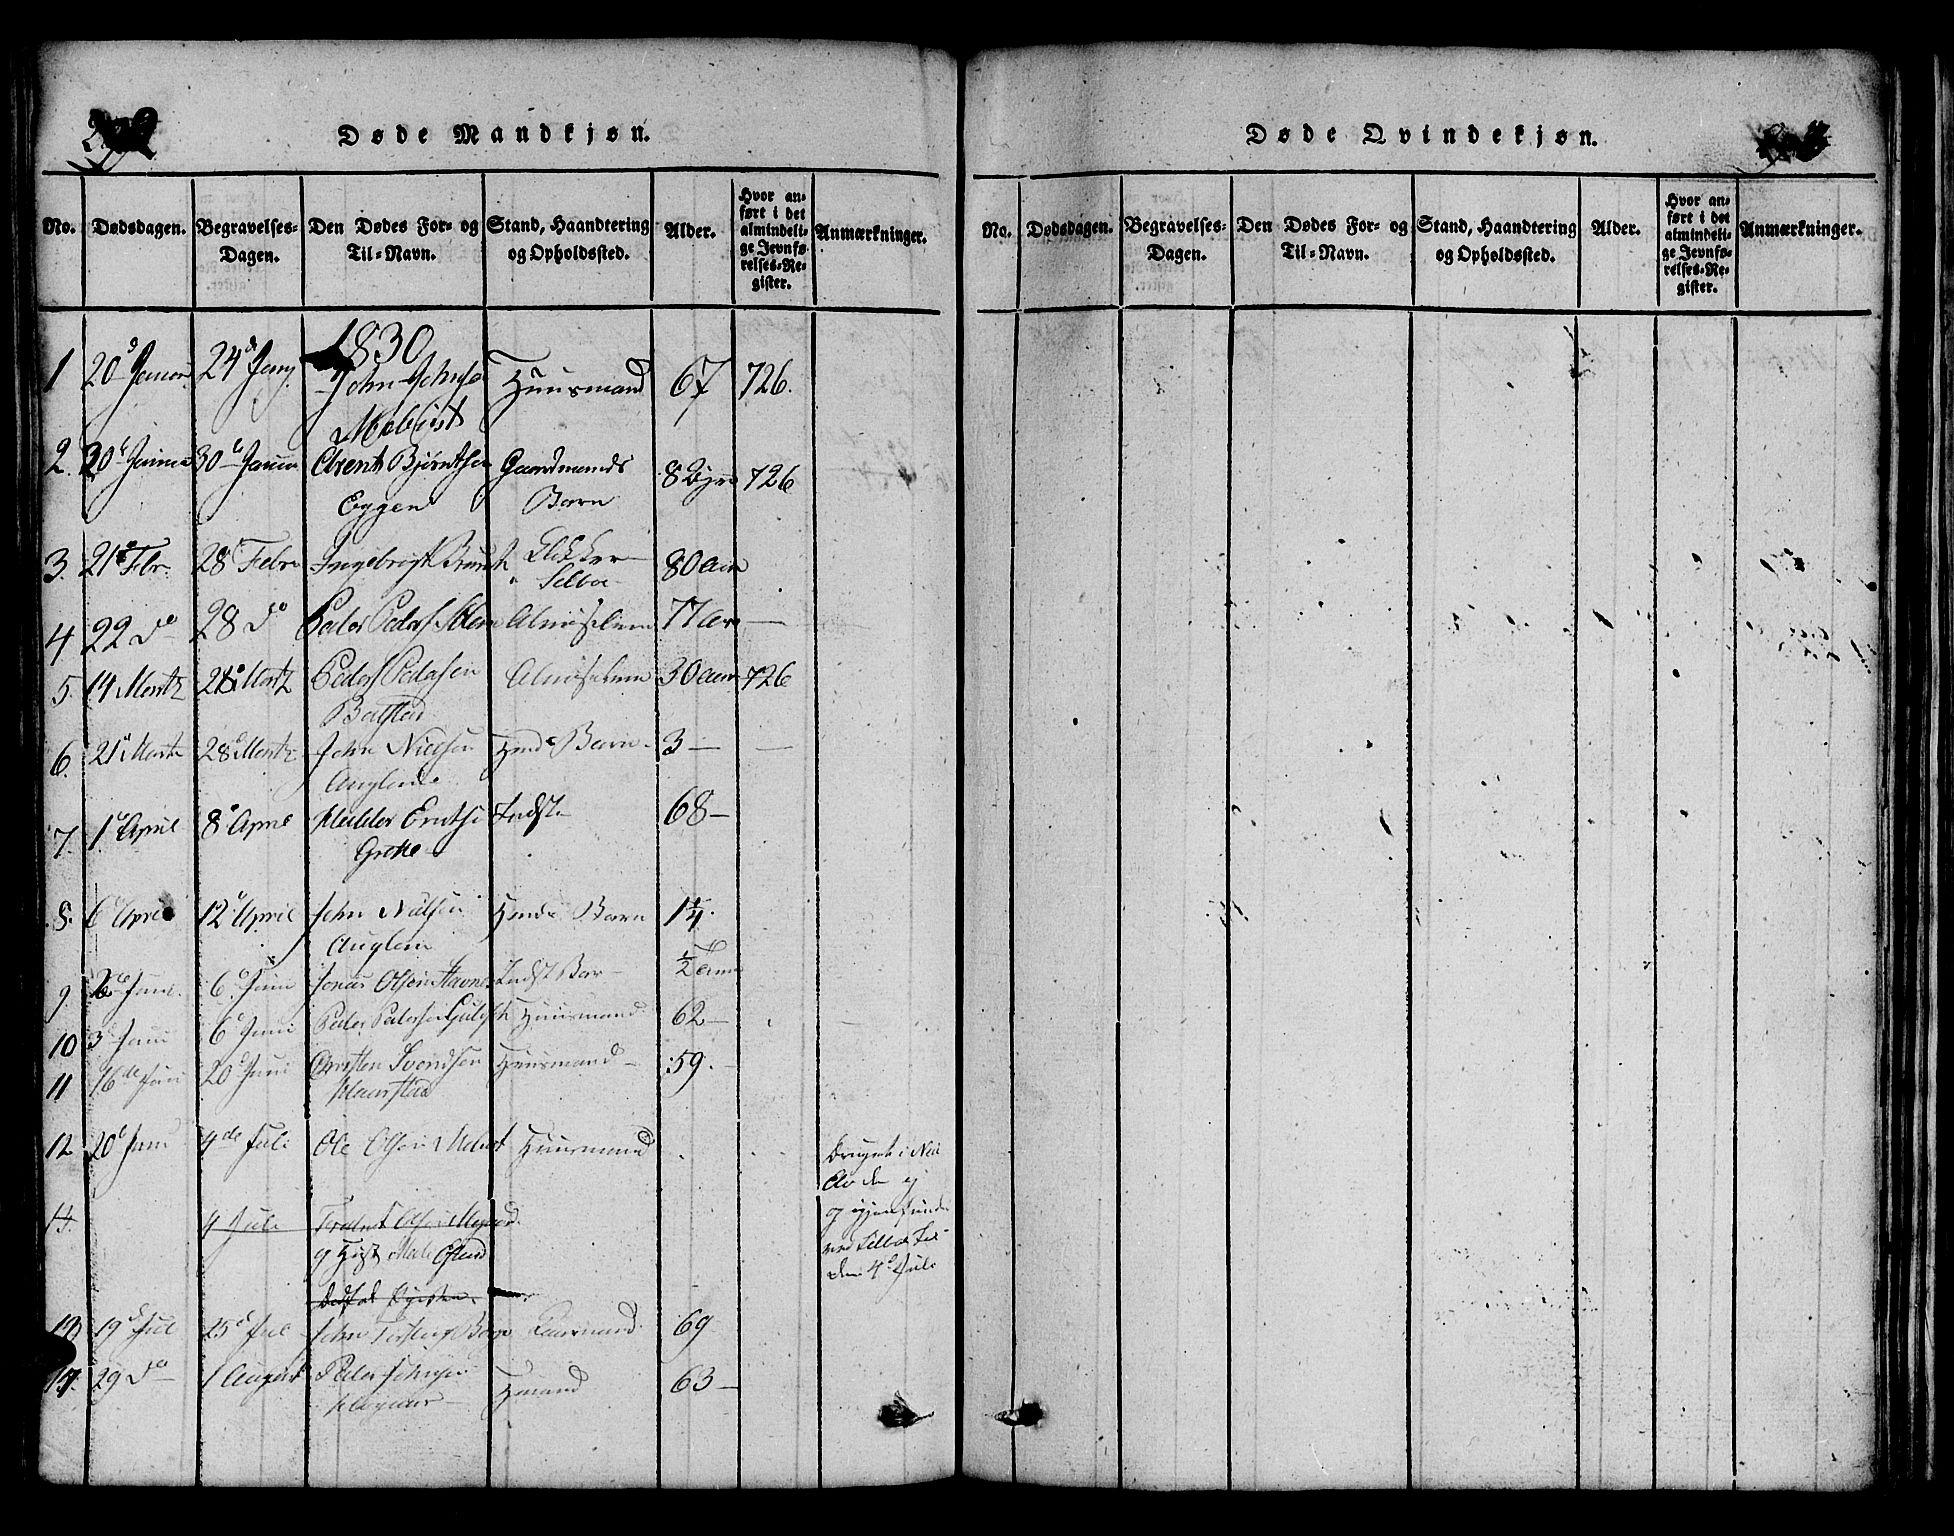 SAT, Ministerialprotokoller, klokkerbøker og fødselsregistre - Sør-Trøndelag, 695/L1152: Klokkerbok nr. 695C03, 1816-1831, s. 294-295